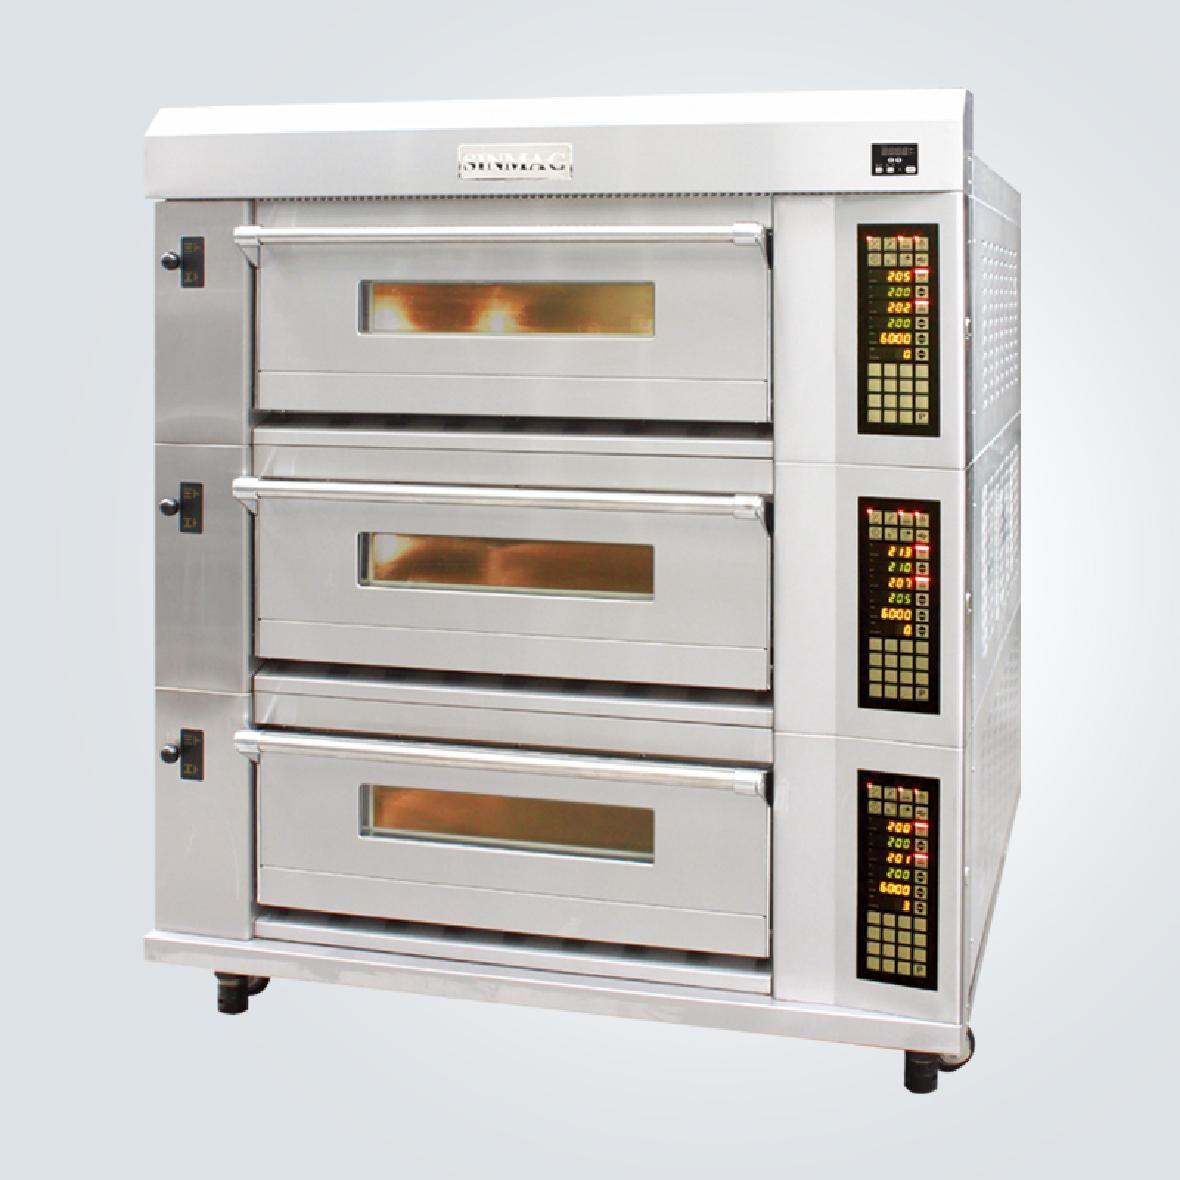 SJ電烤爐 SJ-943